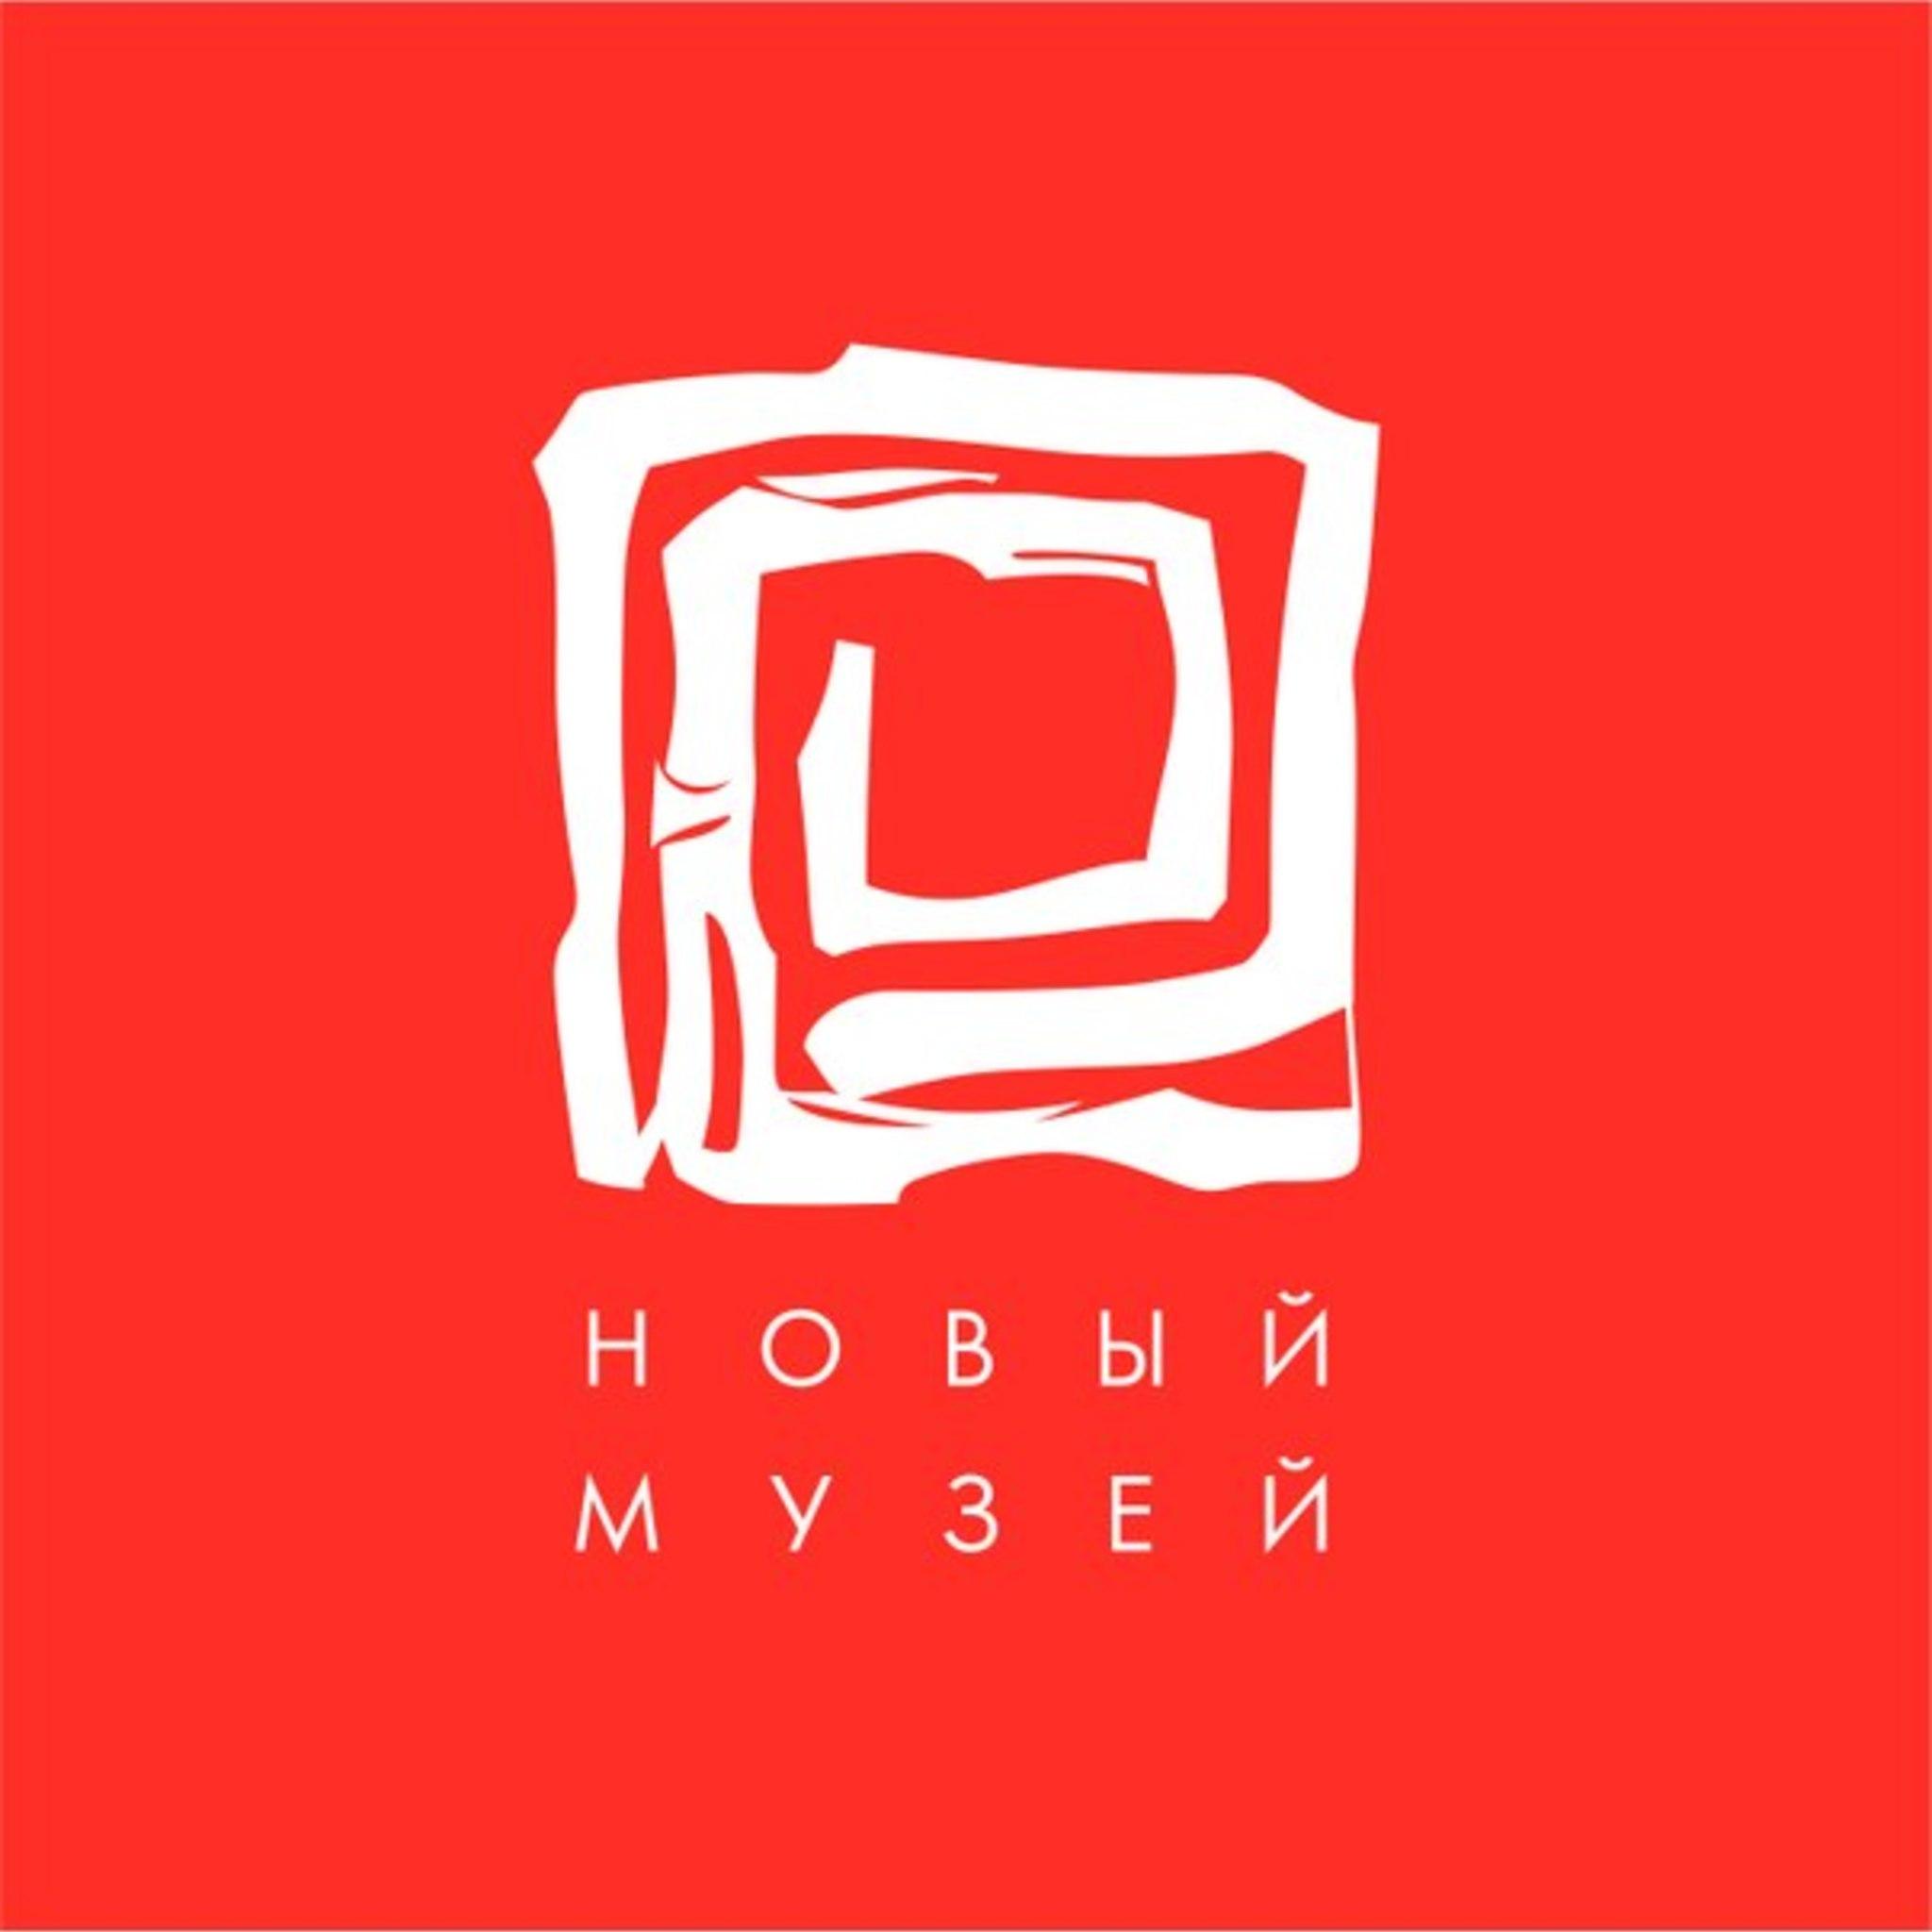 Новый музей Аслана Чехоева